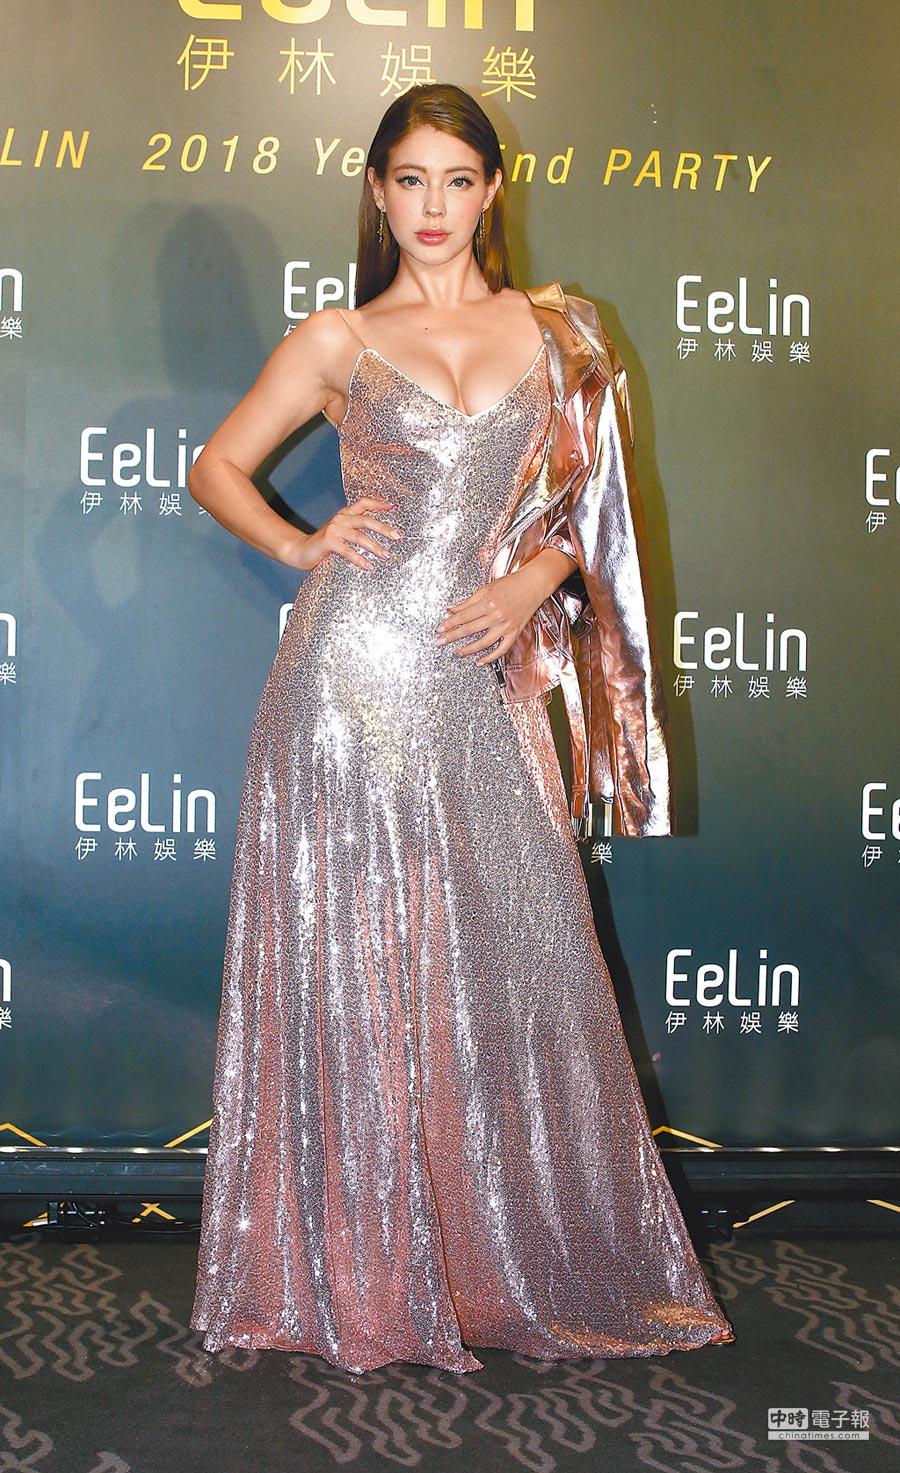 1月17日,安妮出席伊林娛樂尾牙主題派對「愛 aite」。(本報系記者粘耿豪攝)